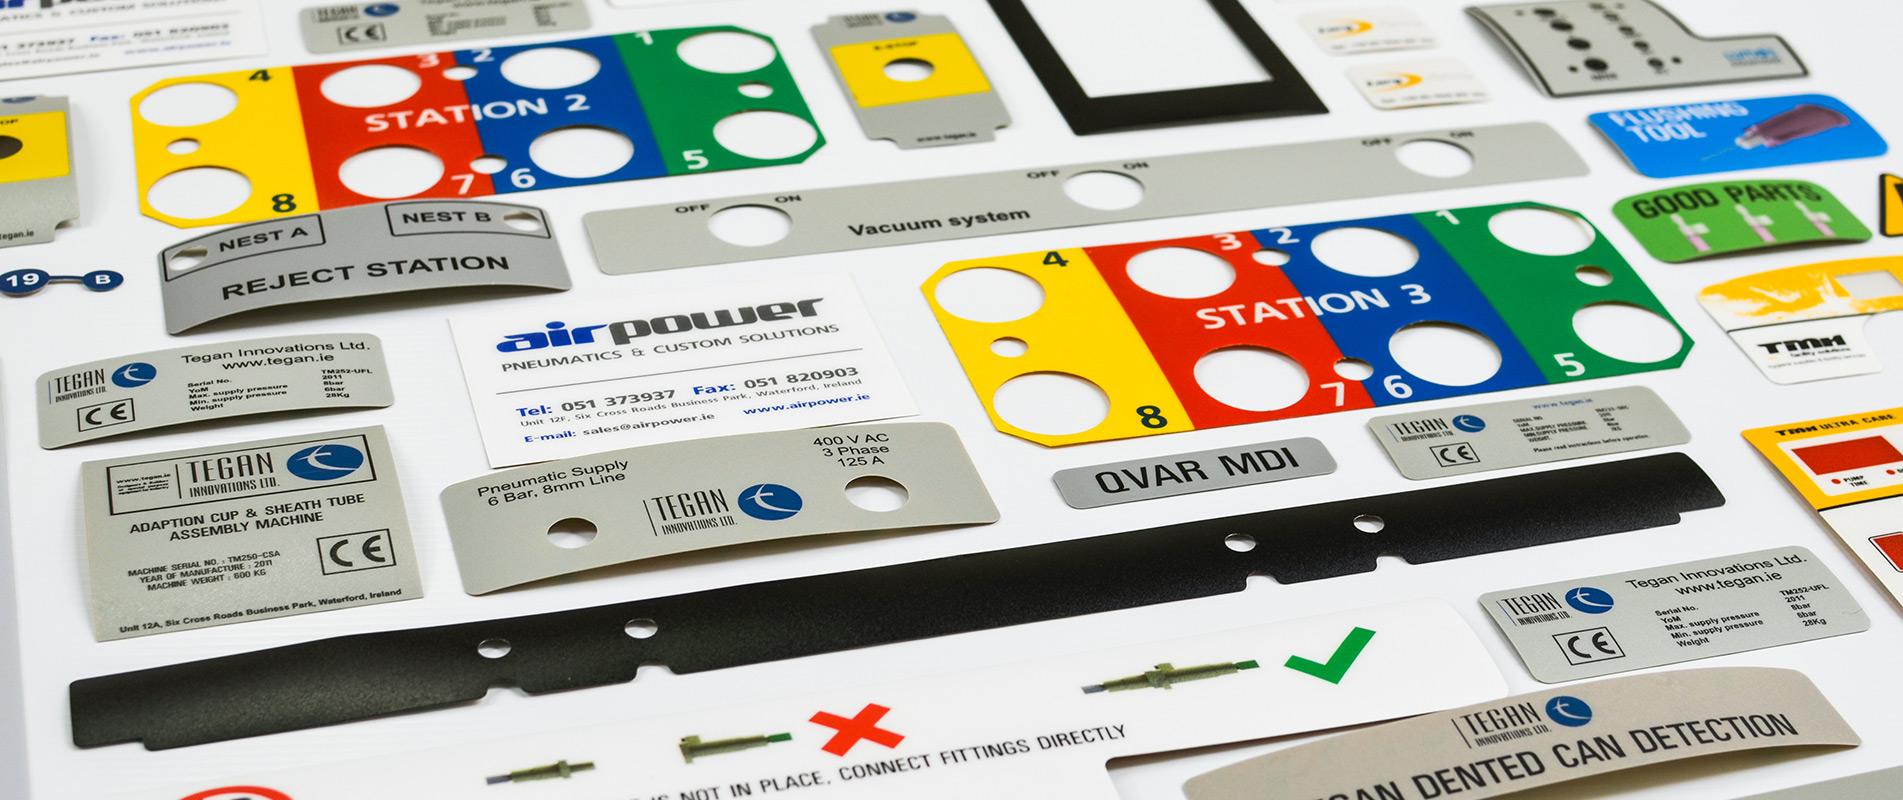 Sticker-Banner-image-1